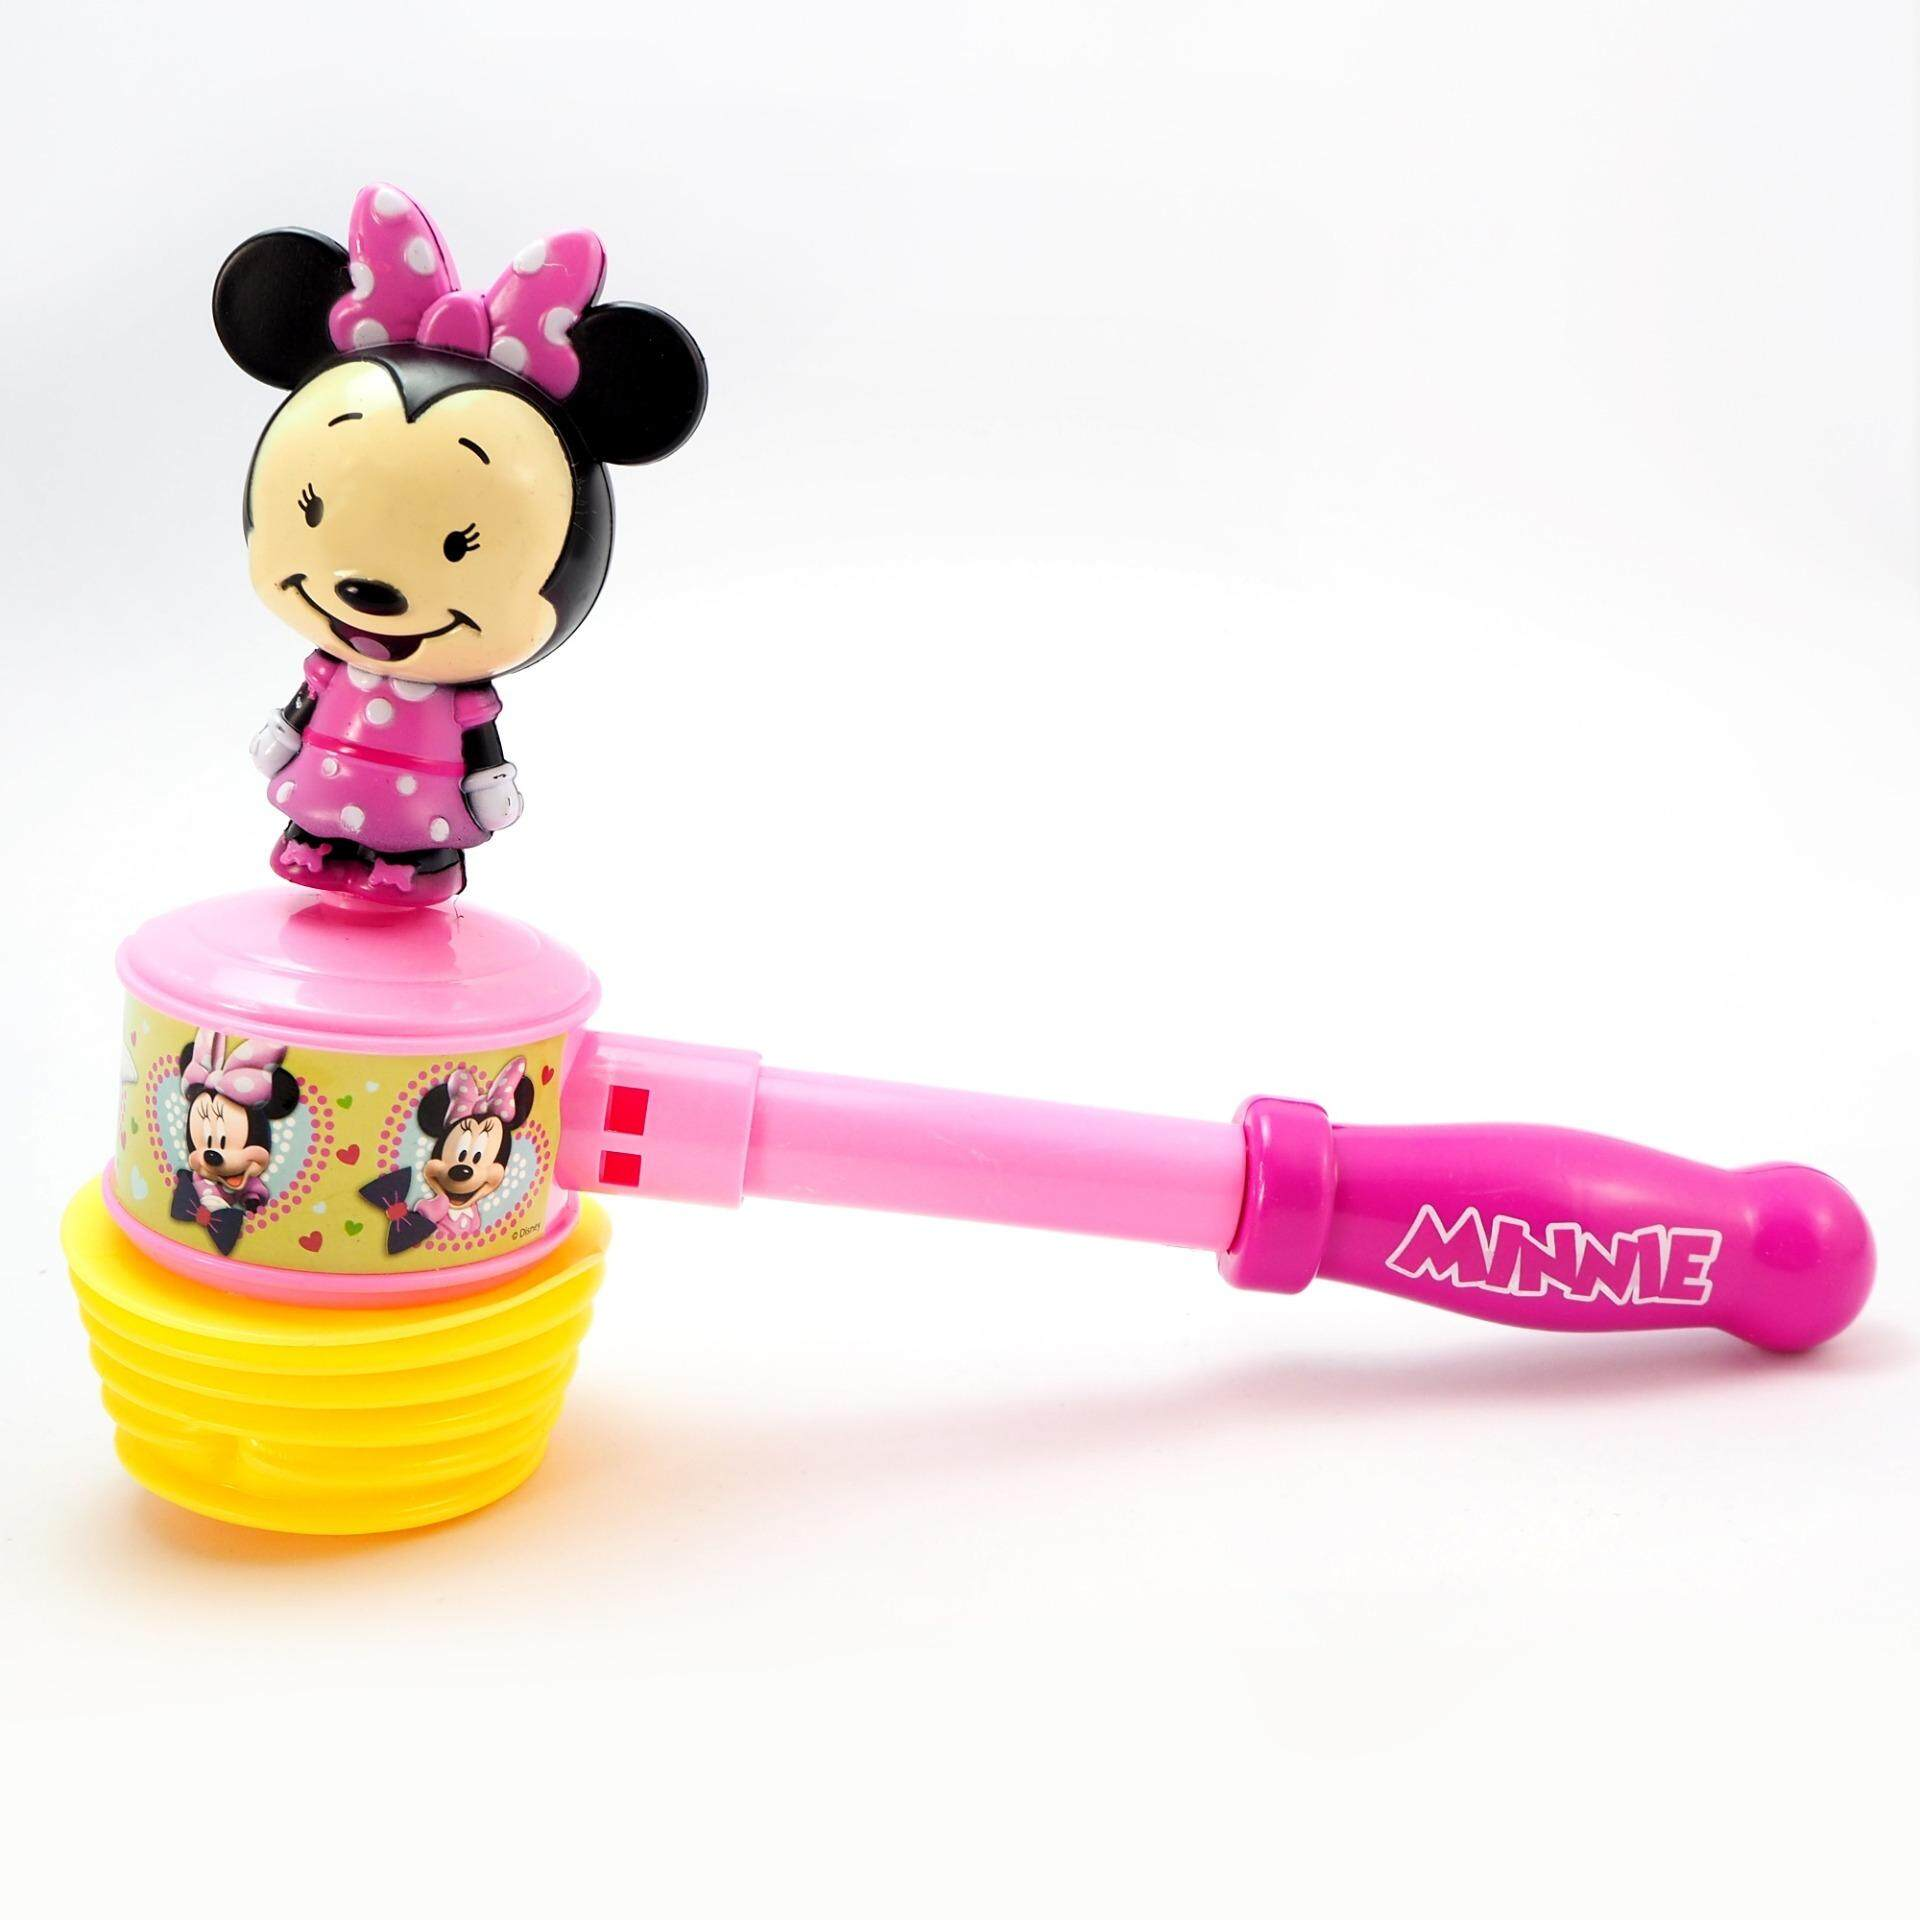 มินนี่เม้าส์ ของเล่น ฆ้อน ทุบแล้ว มีเสียง Minnie Mouse By K Toy Club.